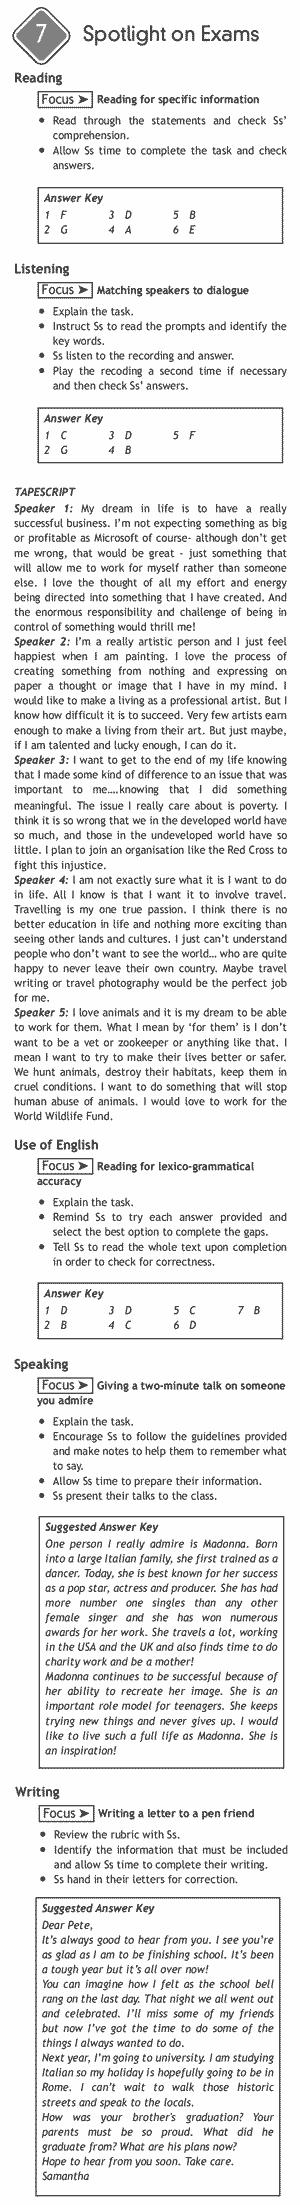 11 класс готовые домашние задания к учебнику английский язык 11 класс учебник spotlight английский в фокусе афанасьева о.в дули дж михеева и.в и